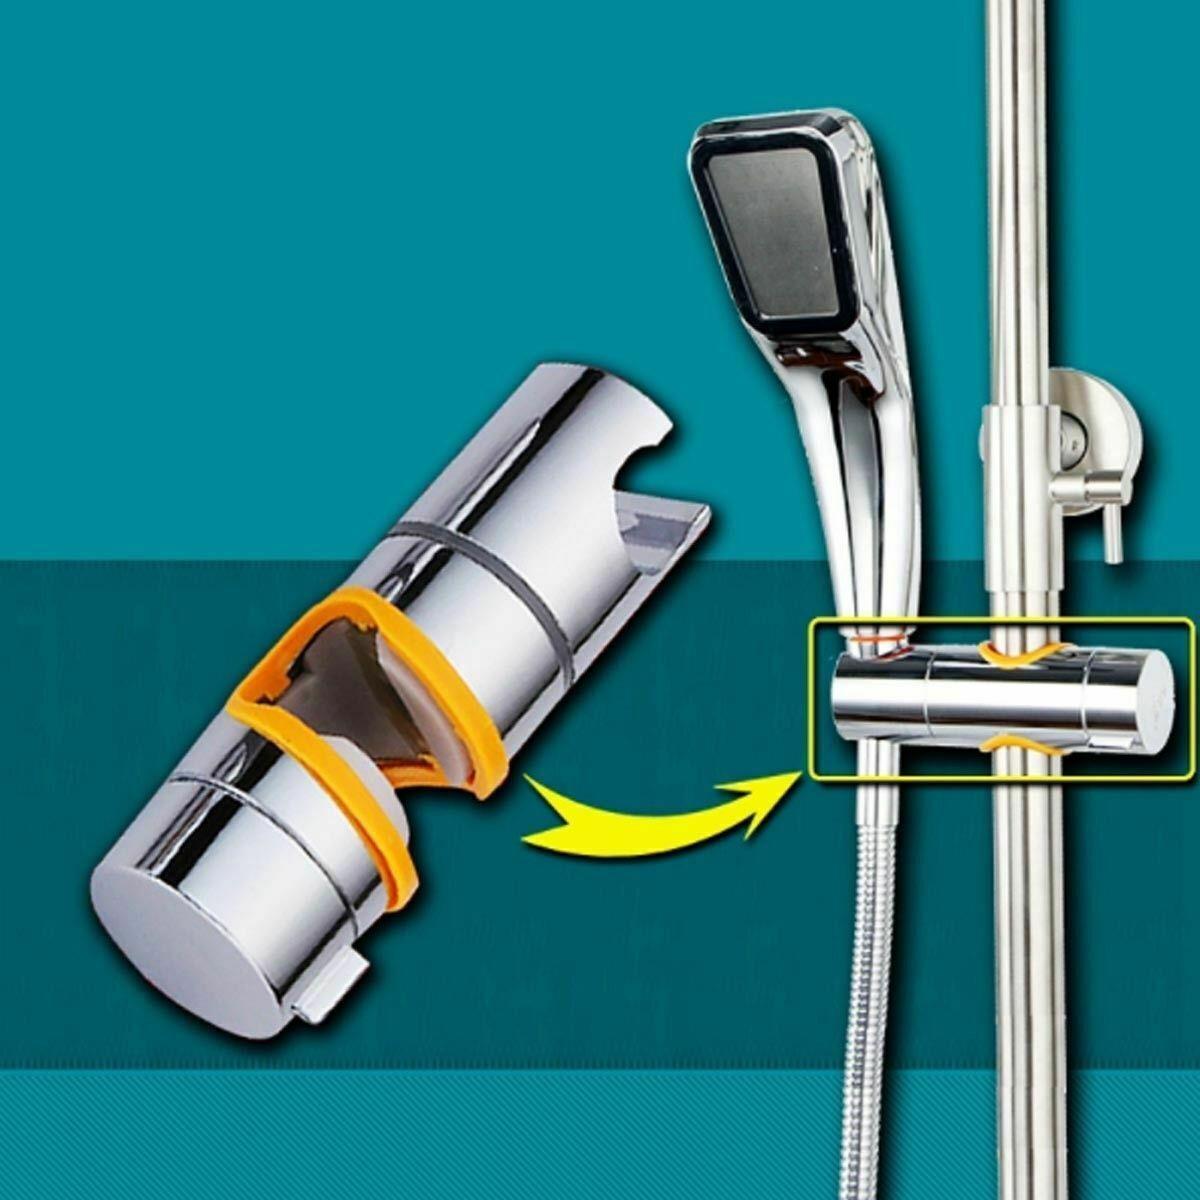 Handbrause Halterung Duschkopf Halterung Duschkopfhalter 20-25mm Verstellbar